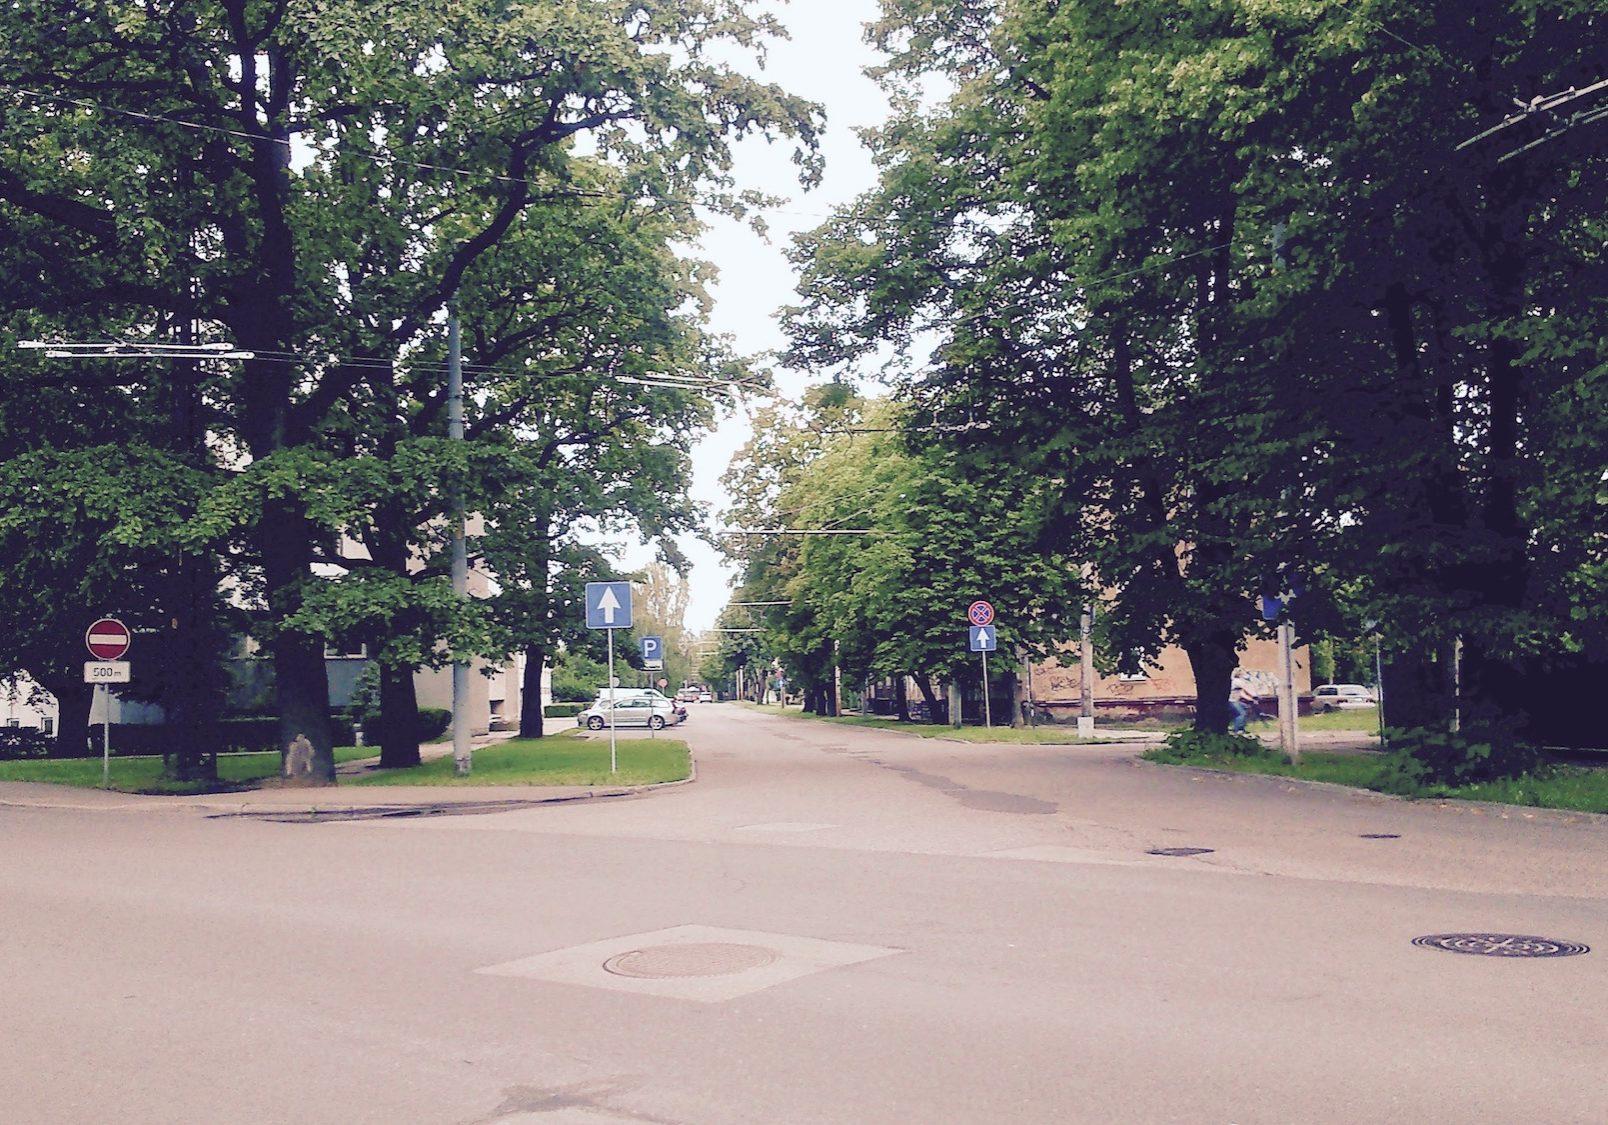 Teika ir viena no zaļākajām apkaimēm Rīgā